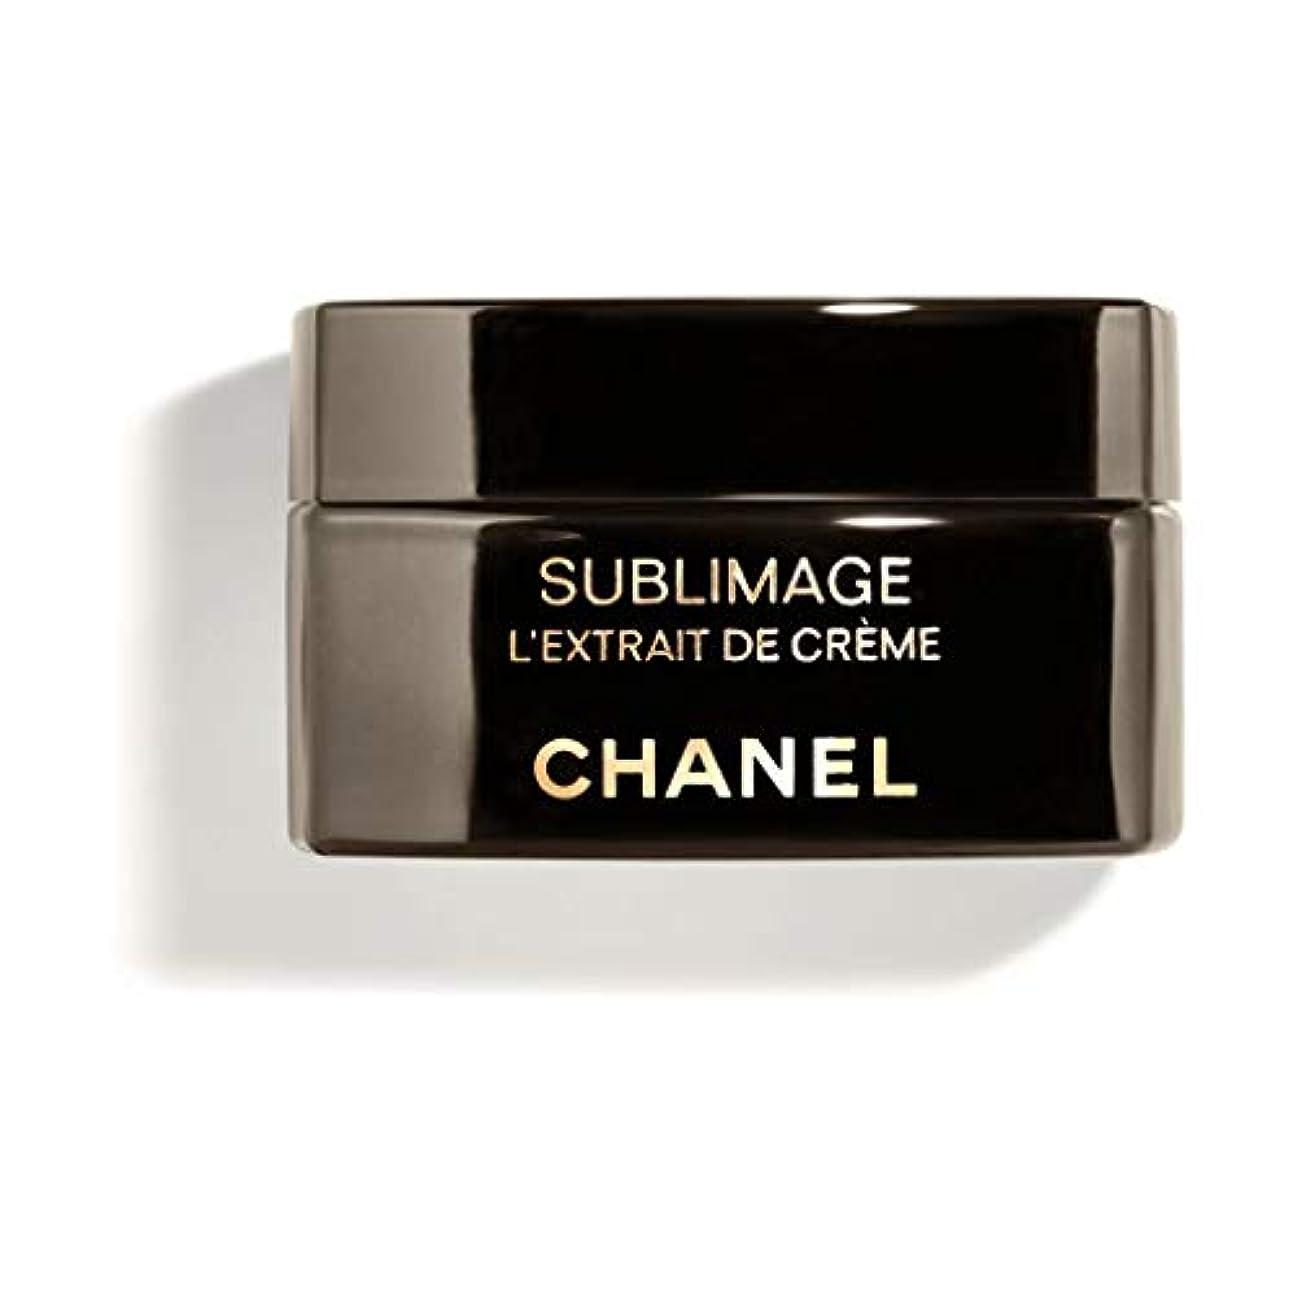 活性化する薬を飲む論理CHANEL(シャネル) SUBLIMAGE L EXTRAIT DE CREME サブリマージュ レクストレ ドゥ クレーム 50g